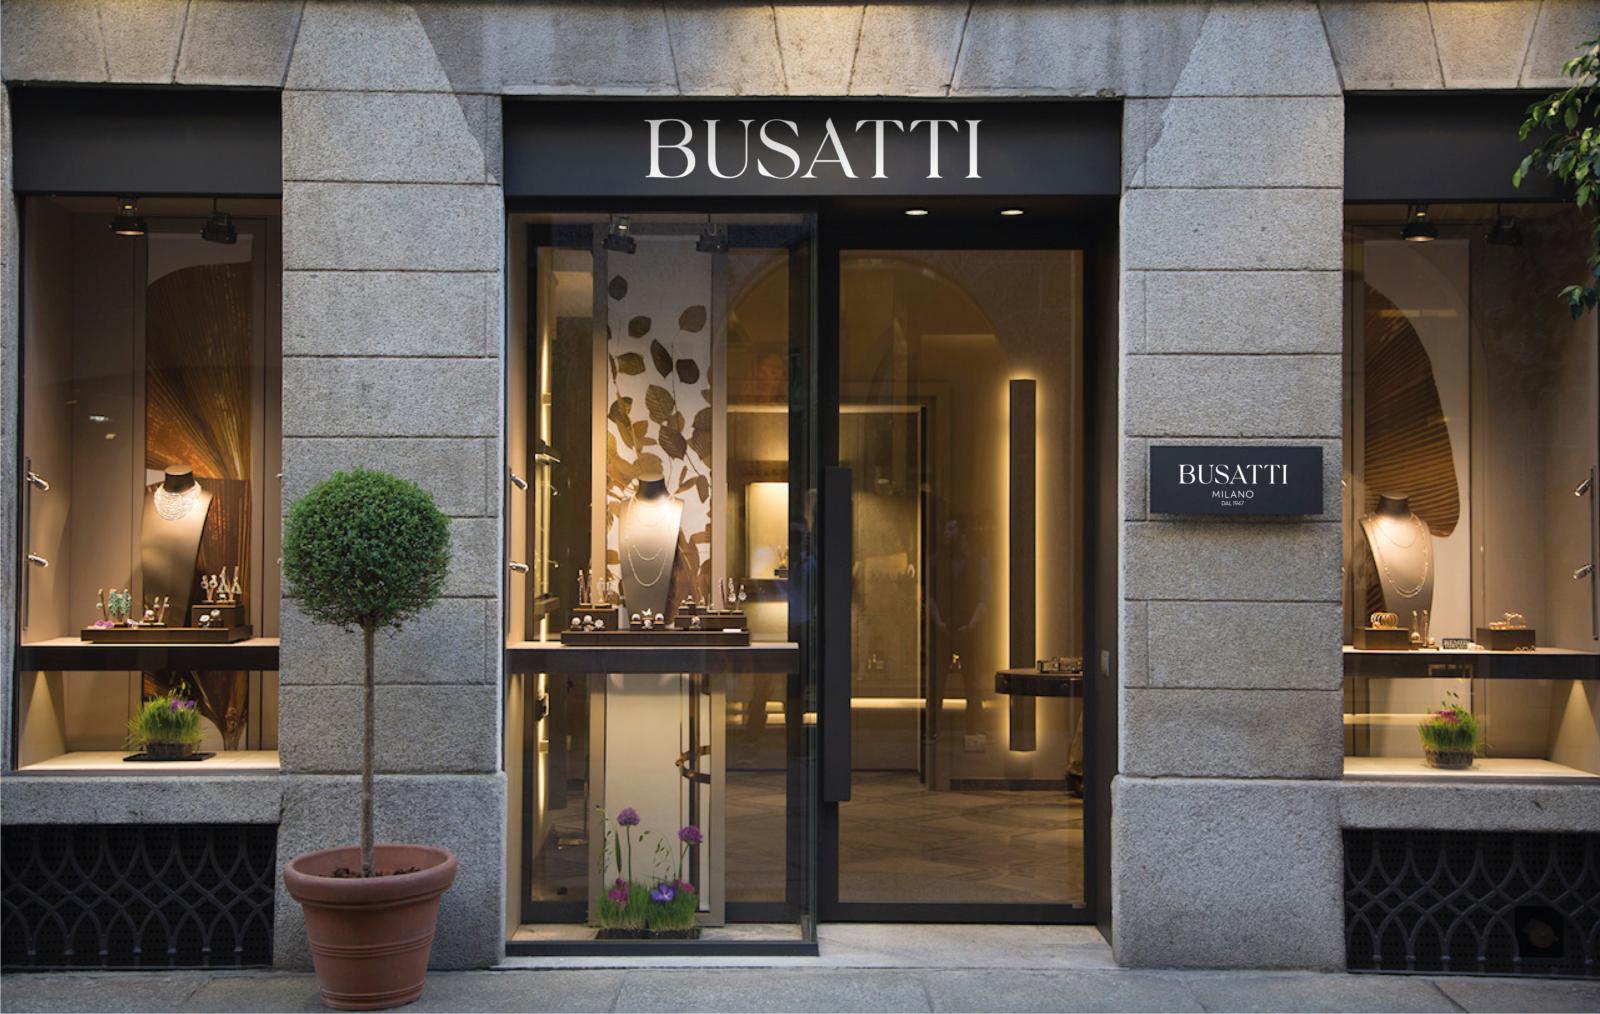 BUSATTI MILANO- Un design pensé par l'agence de design de Paris Partisan du Sens.